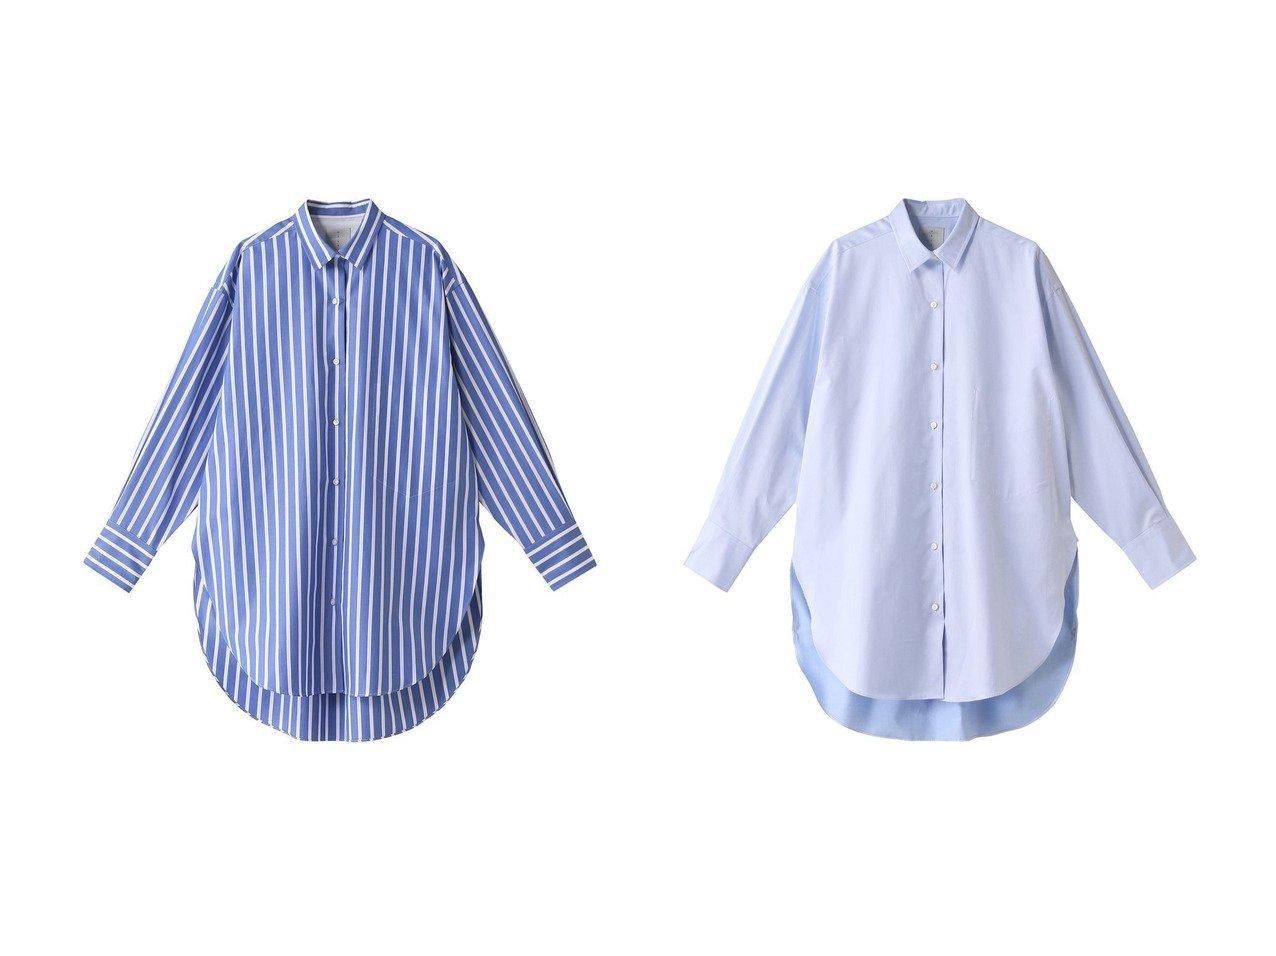 【HAVEL studio/ハーヴェル スタジオ】のストライプビッグドレスシャツ&コットンサテンビッグドレスシャツ ワンピース・ドレスのおすすめ!人気、トレンド・レディースファッションの通販 おすすめで人気の流行・トレンド、ファッションの通販商品 メンズファッション・キッズファッション・インテリア・家具・レディースファッション・服の通販 founy(ファニー) https://founy.com/ ファッション Fashion レディースファッション WOMEN トップス カットソー Tops Tshirt シャツ/ブラウス Shirts Blouses ワンピース Dress ドレス Party Dresses 2021年 2021 2021 春夏 S/S SS Spring/Summer 2021 S/S 春夏 SS Spring/Summer スタイリッシュ ストライプ スリット スリーブ トレンド ドレス ビッグ ボトム ロング ワイド 春 Spring |ID:crp329100000024812